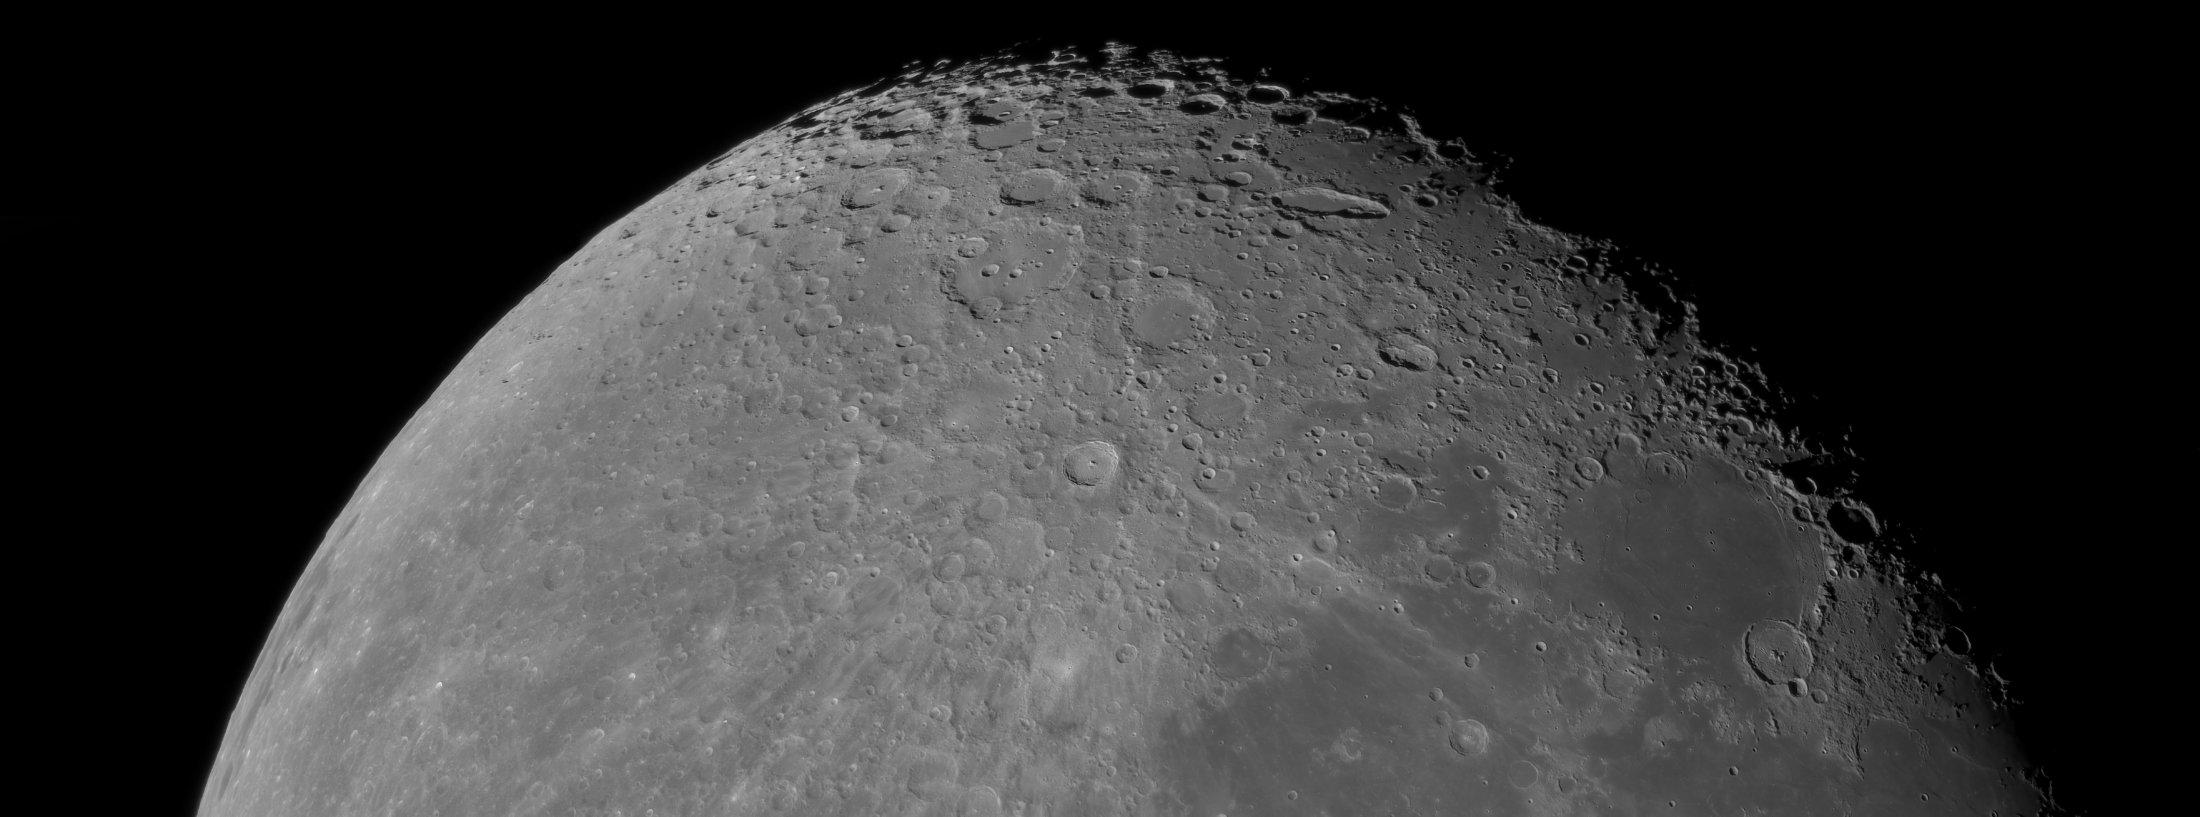 Luna - Mosaico Polo Sur - Toni Font